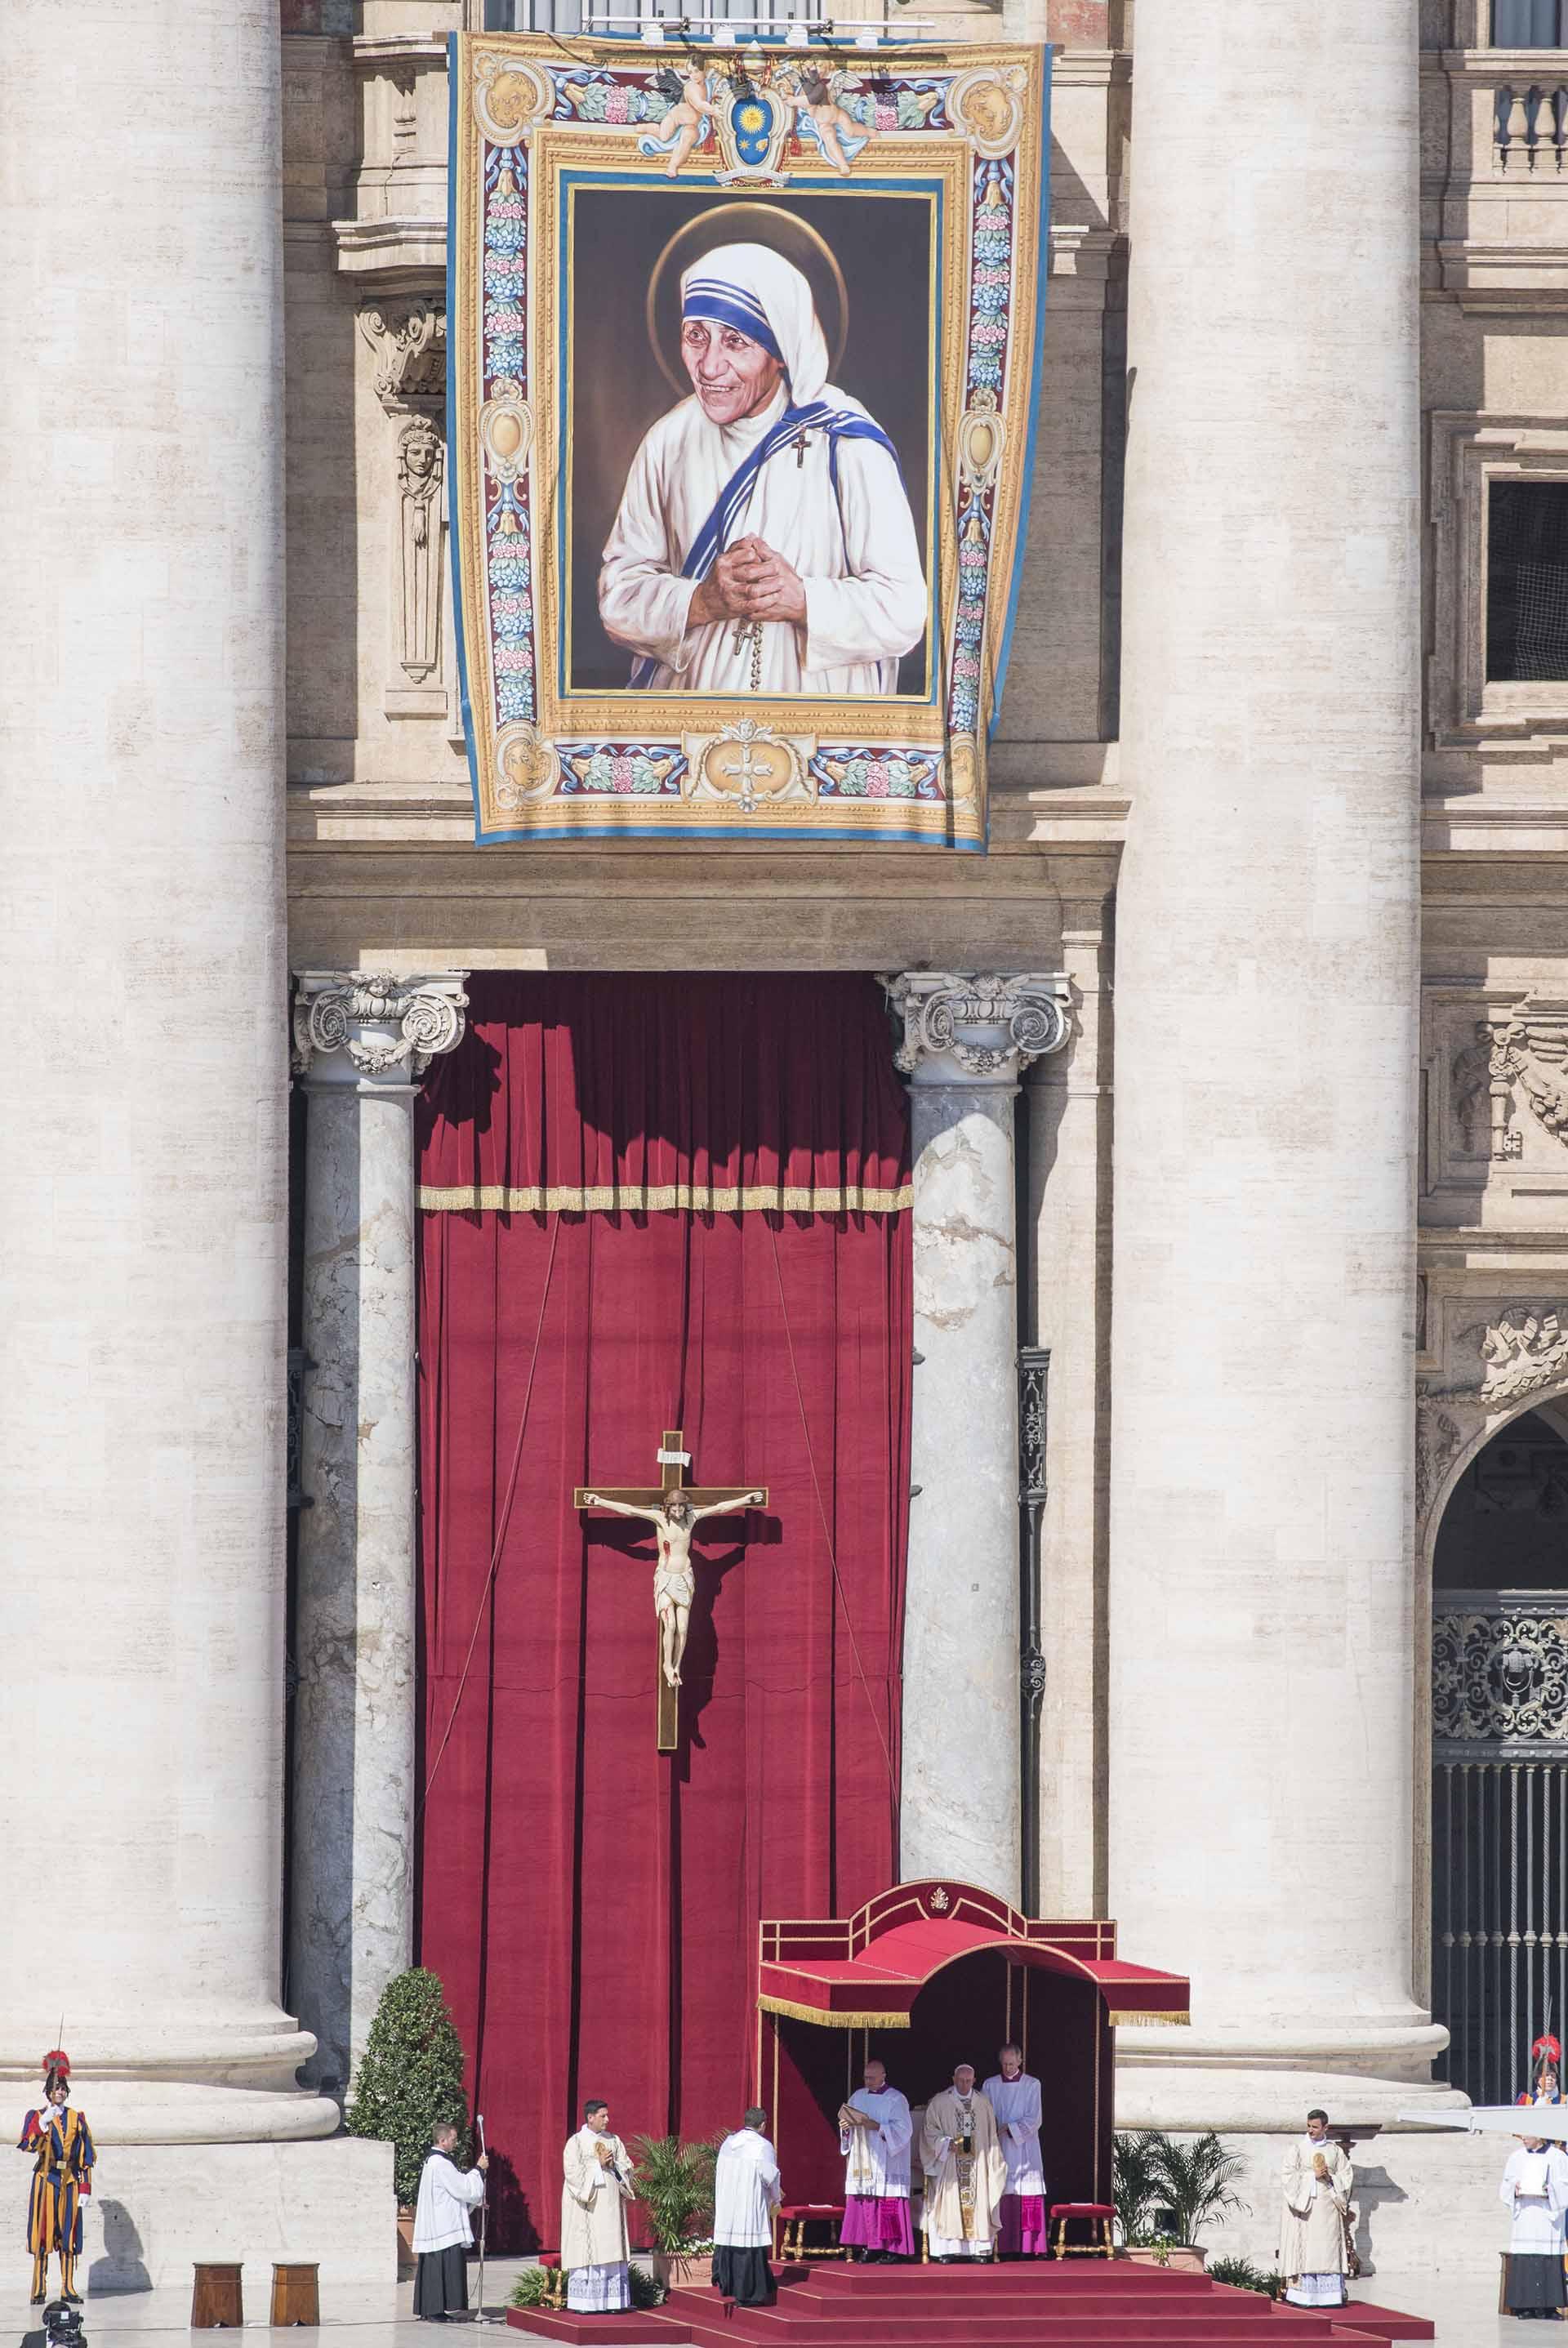 4 de septiembre de 2016: el papa Francisco oficia una ceremonia religiosa durante la canonización de la Madre Teresa de Calcuta en la plaza San Pedro